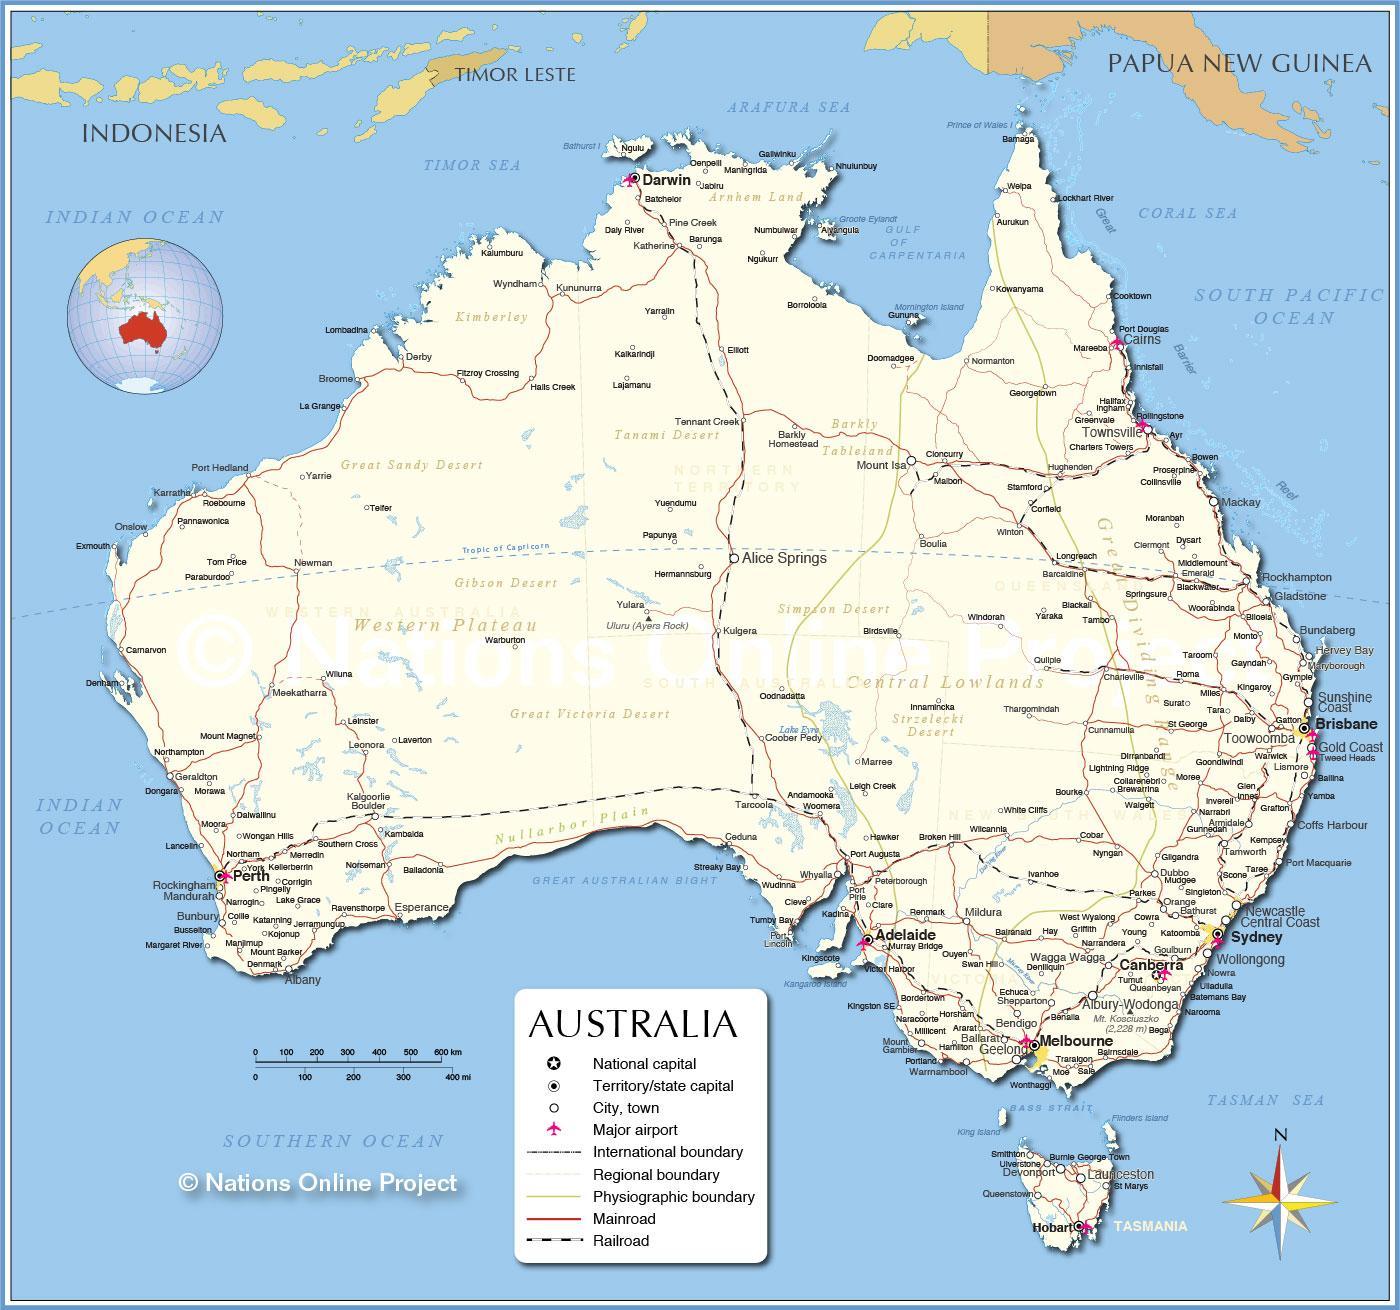 Kort Over Australien Med Byer Australien Kort Med Byer